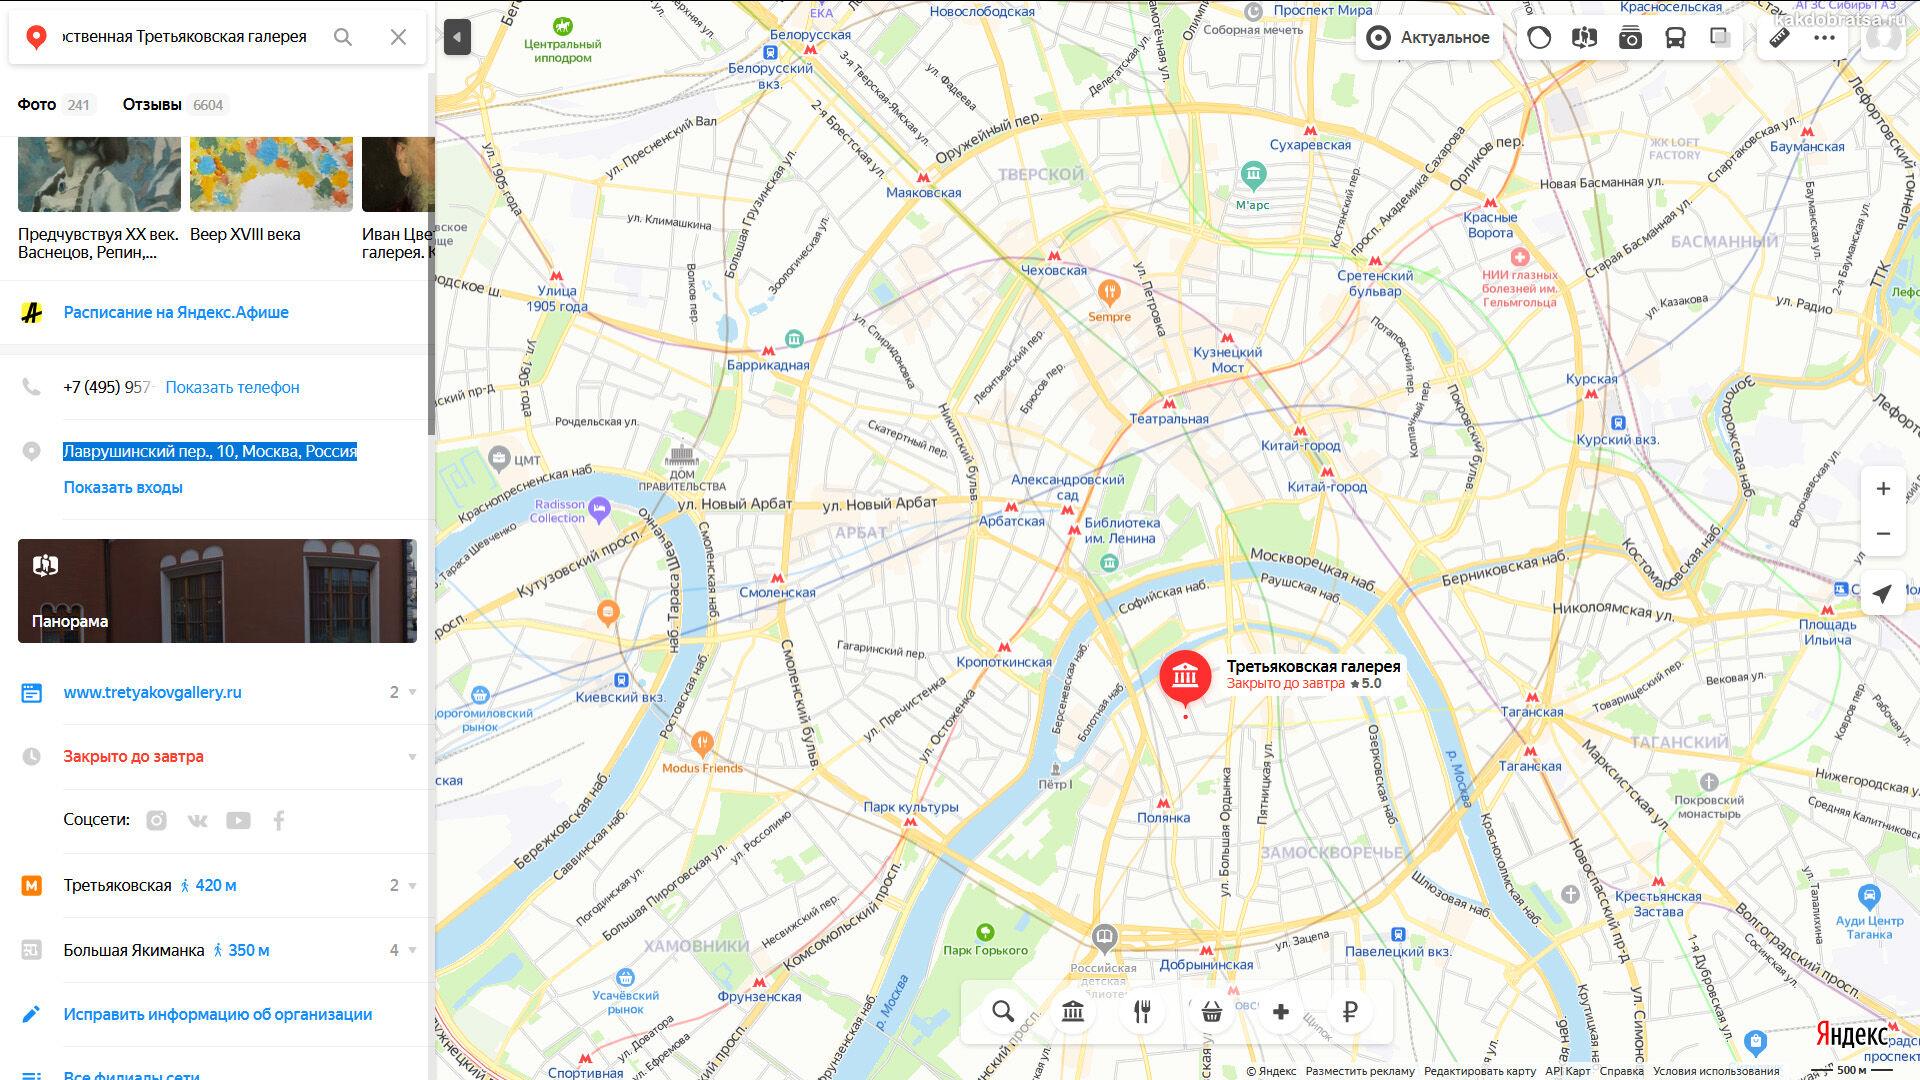 Где находится Третьяковская Галерея и адрес в Москве